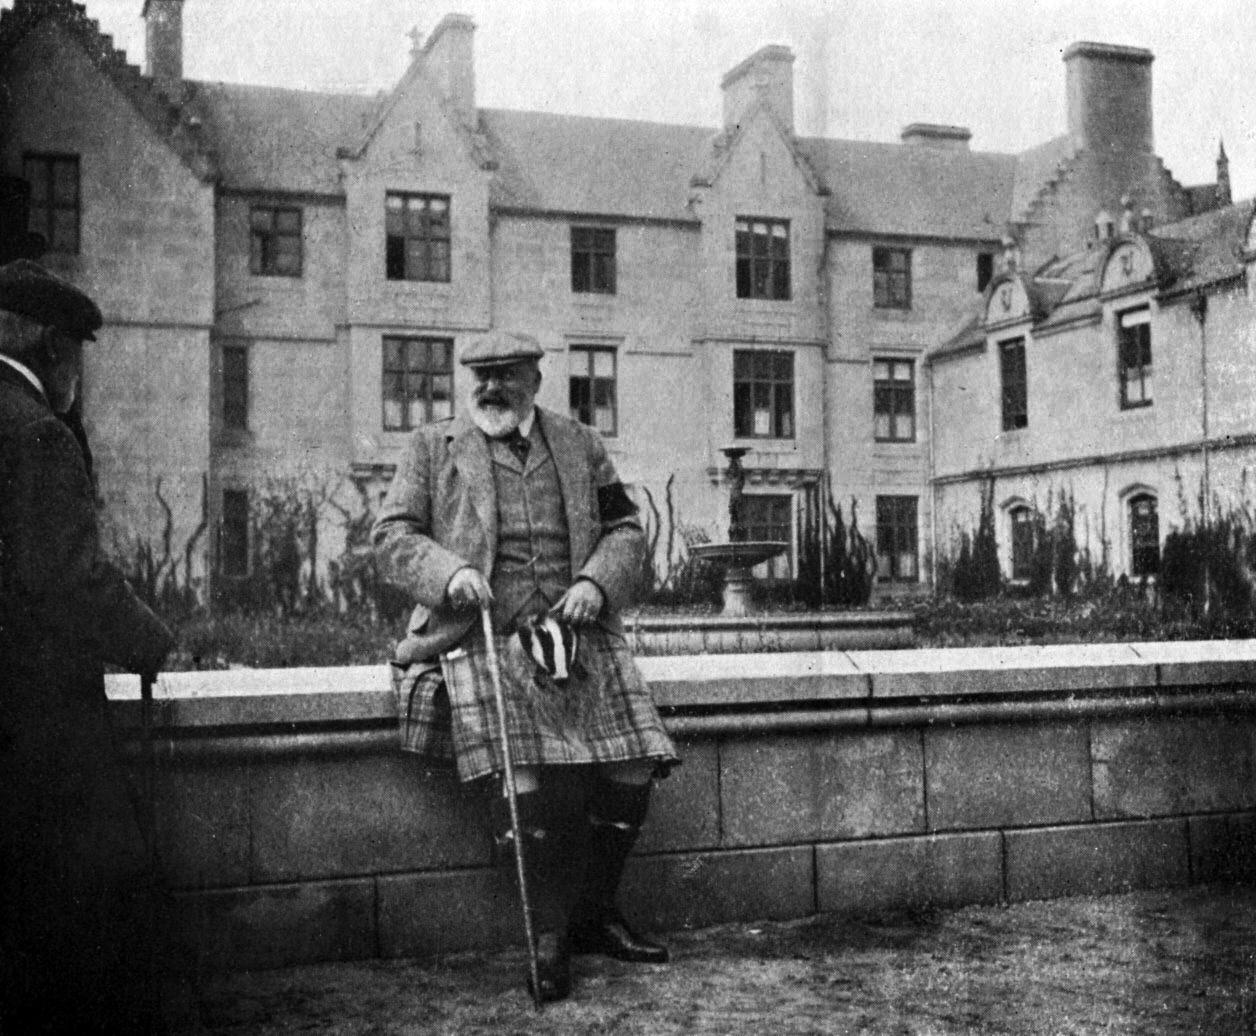 King Edward Vii Of The United Kingdom At Balmoral Photo